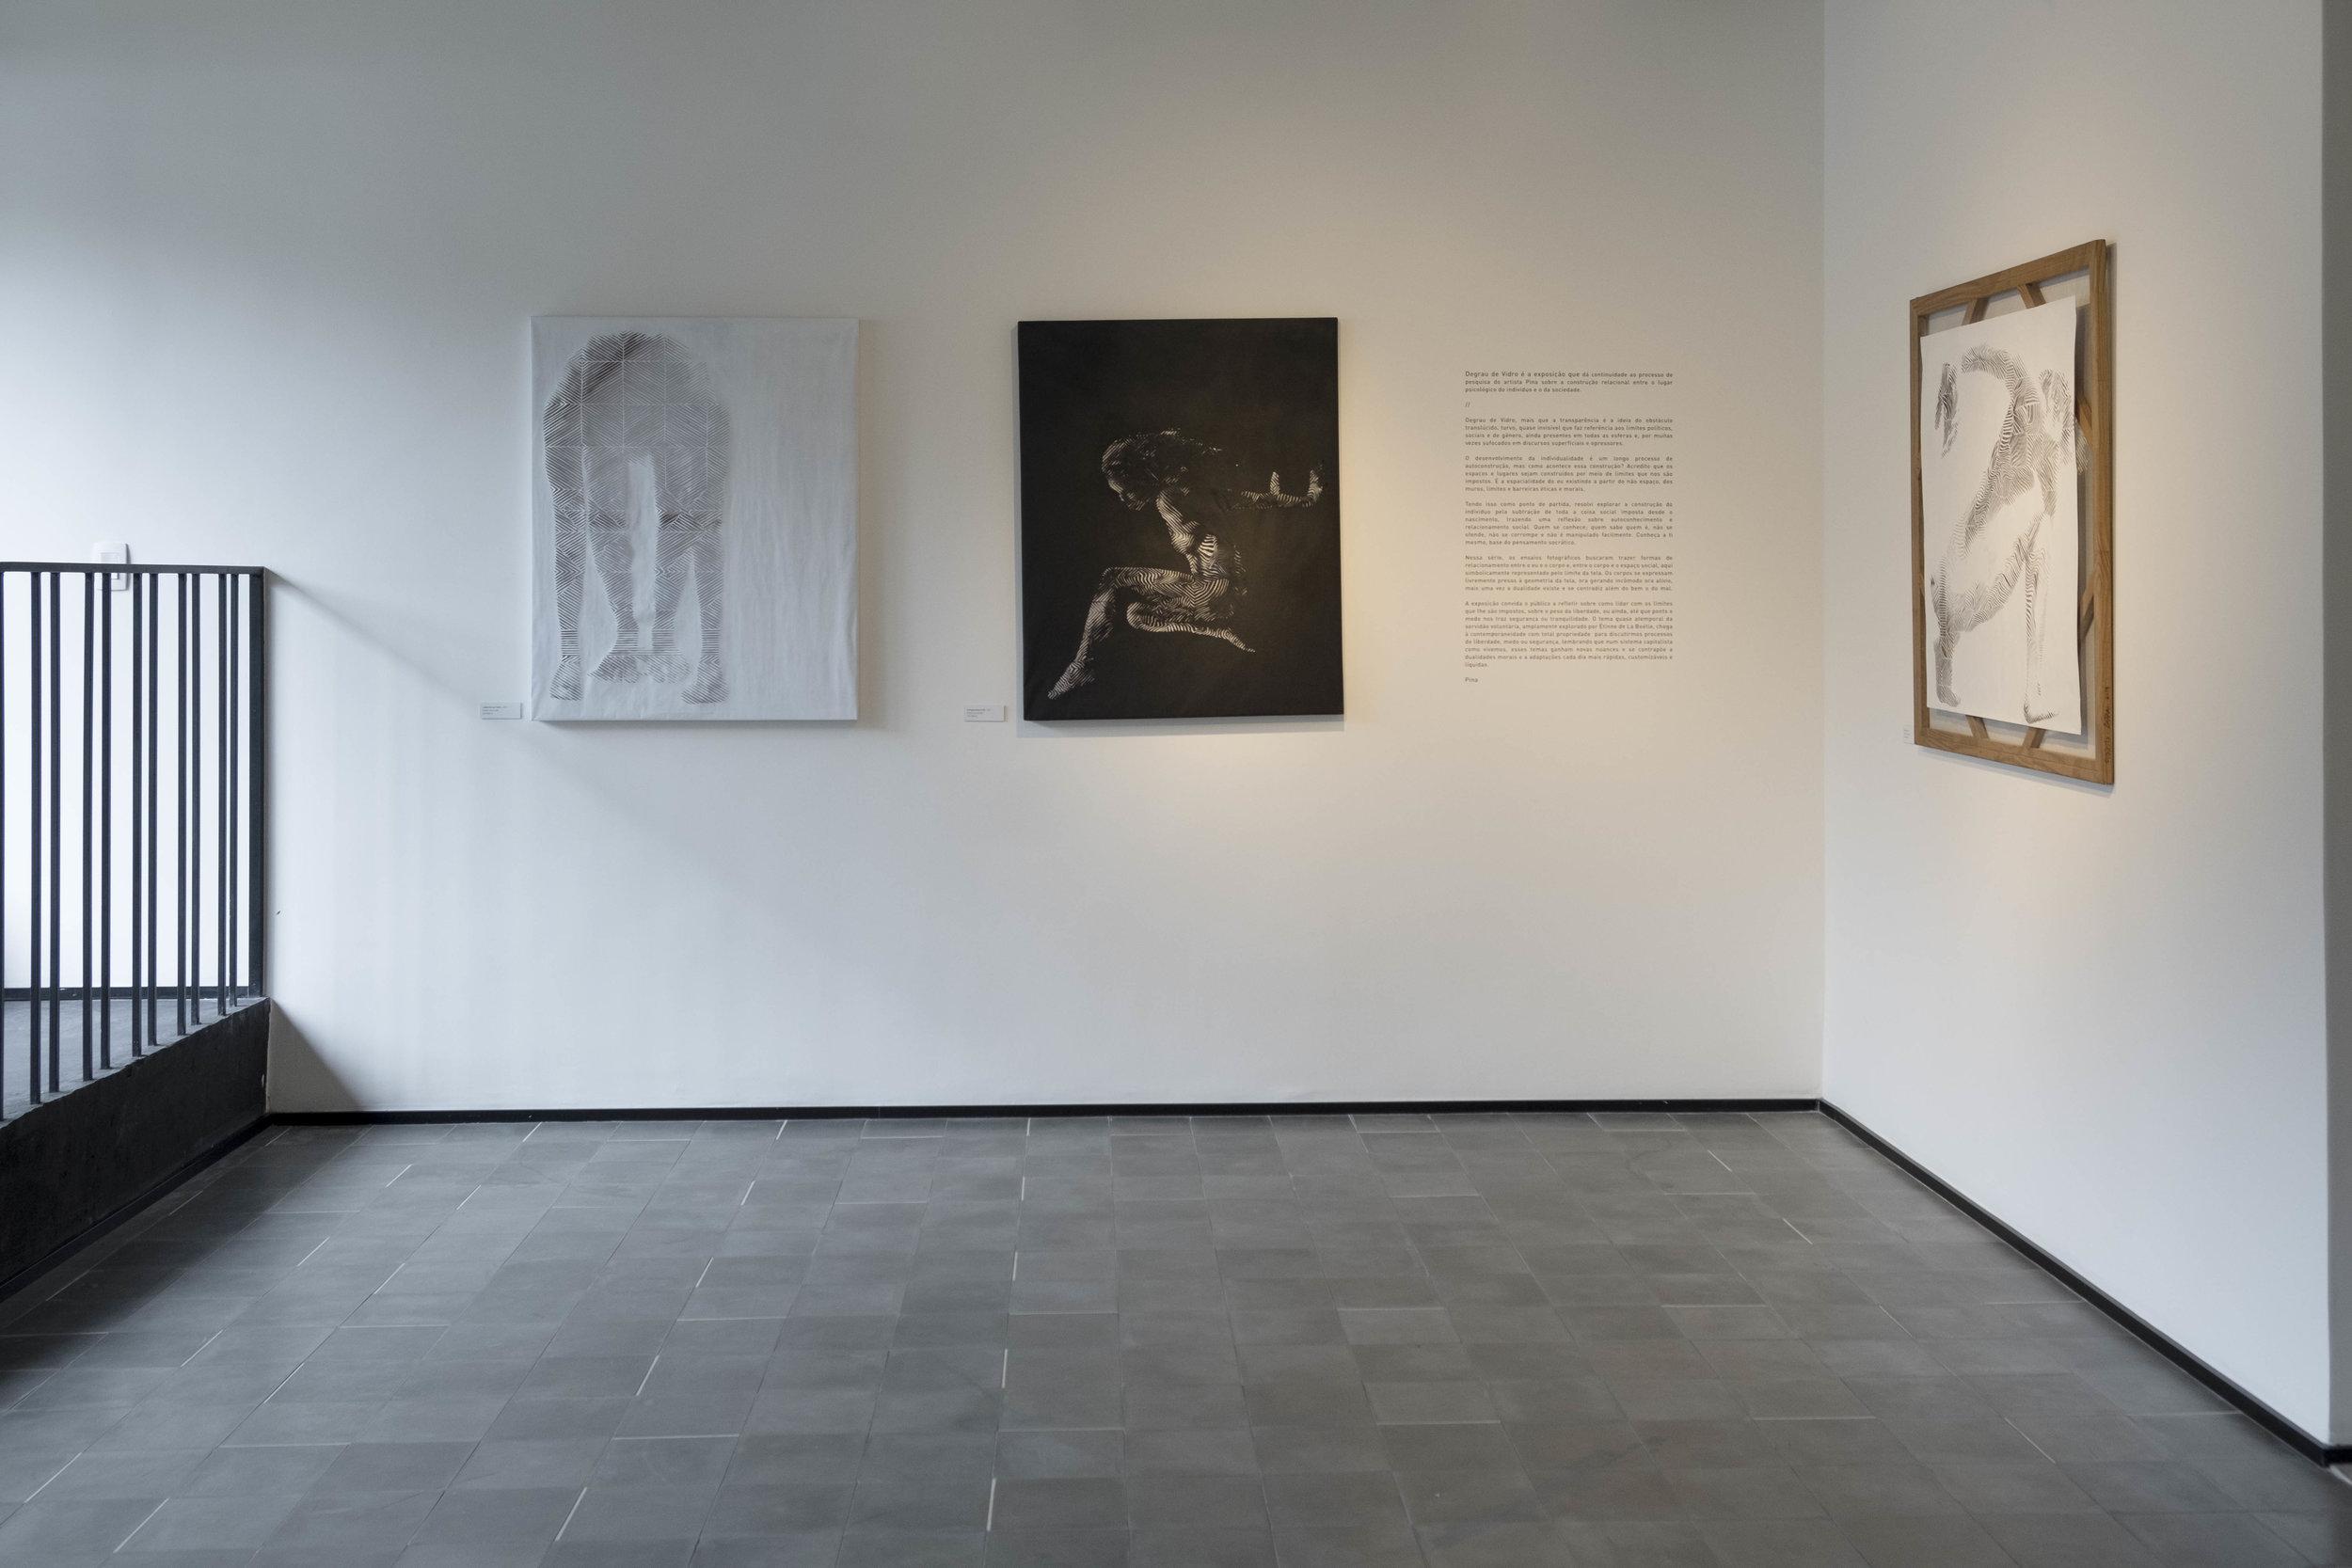 Exposição Degrau de Vidro por Pina